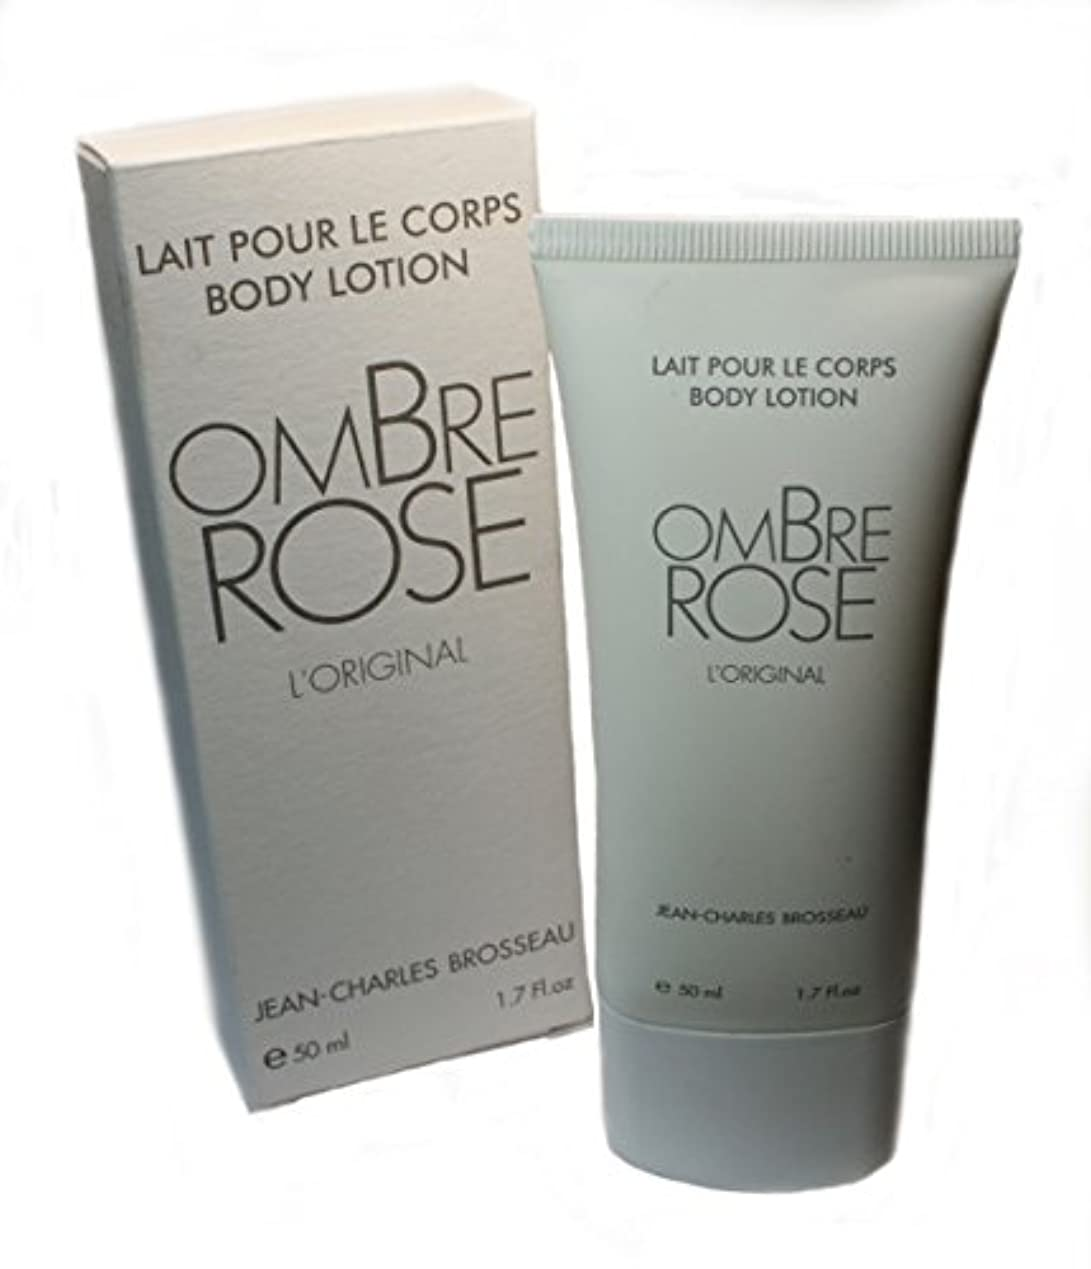 慢性的プロテスタント規定Jean-Charles Brosseau Ombre Rose L'Original Body Lotion(ジャン シャルル ブロッソー オンブル ローズ オリジナル ボディーローション)50ml